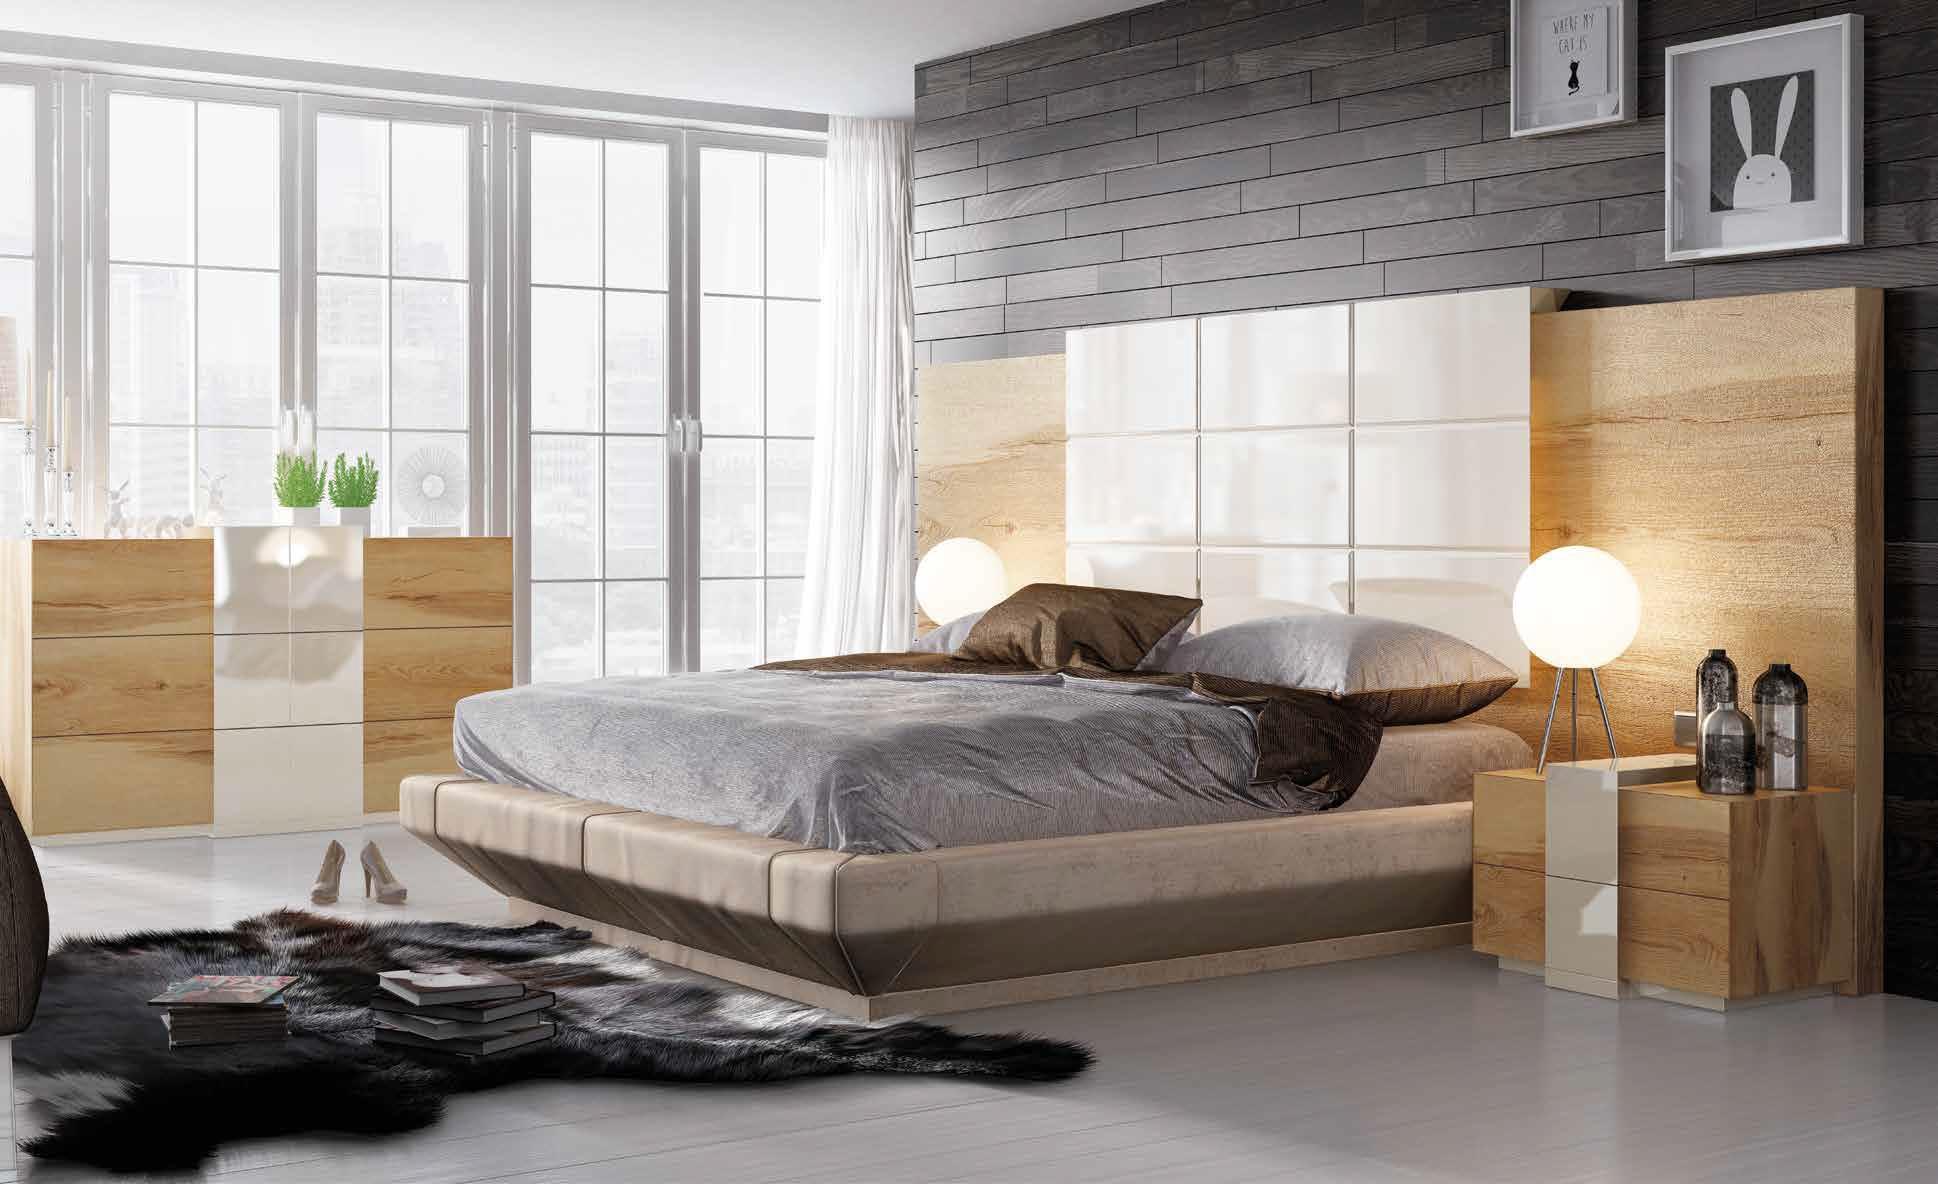 dormitorio-contemporaneo-Volumen-1-muebles-paco-caballero-1220-5caf2f219398a